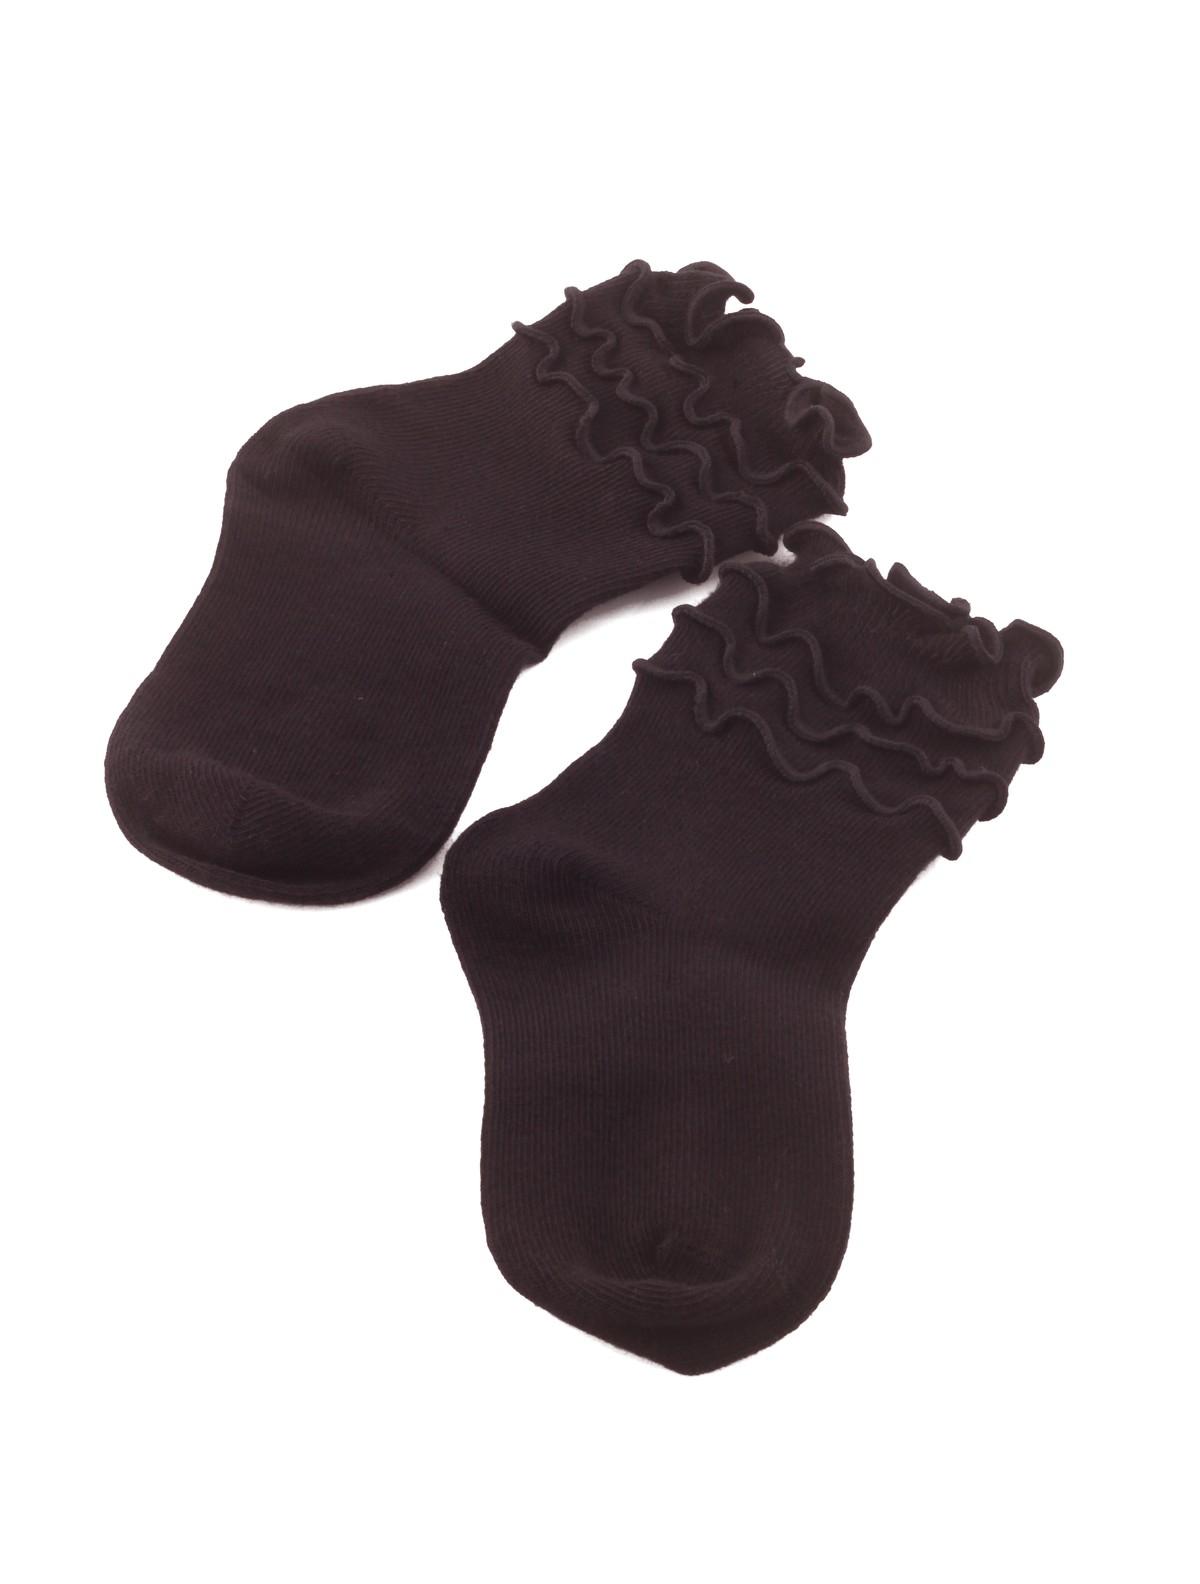 Bonnie Doon Lace Cuff Kinder Socken mit Spitze